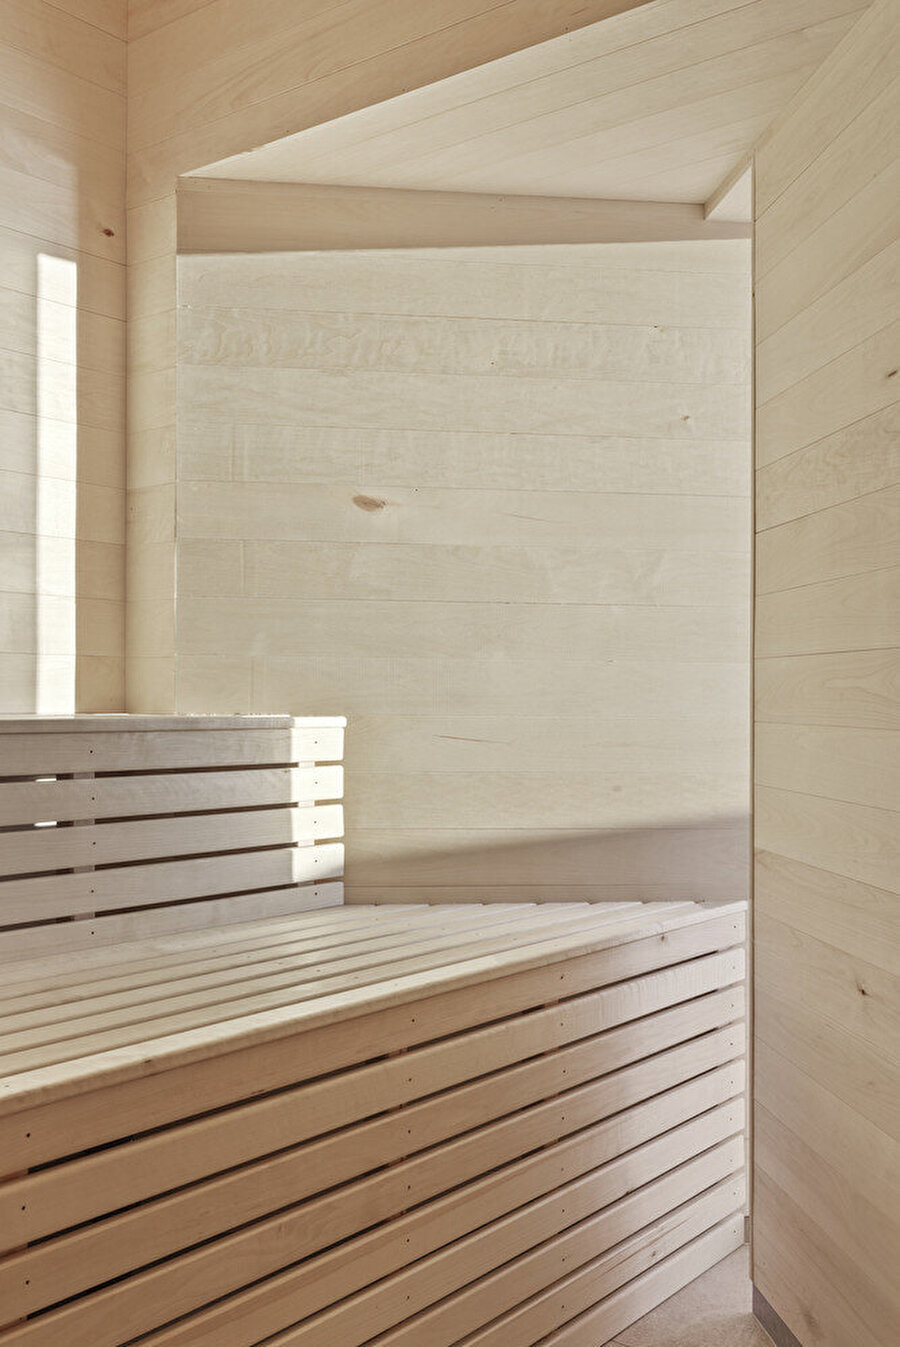 Banyo ile aynı girişi kullanan sauna alanı.